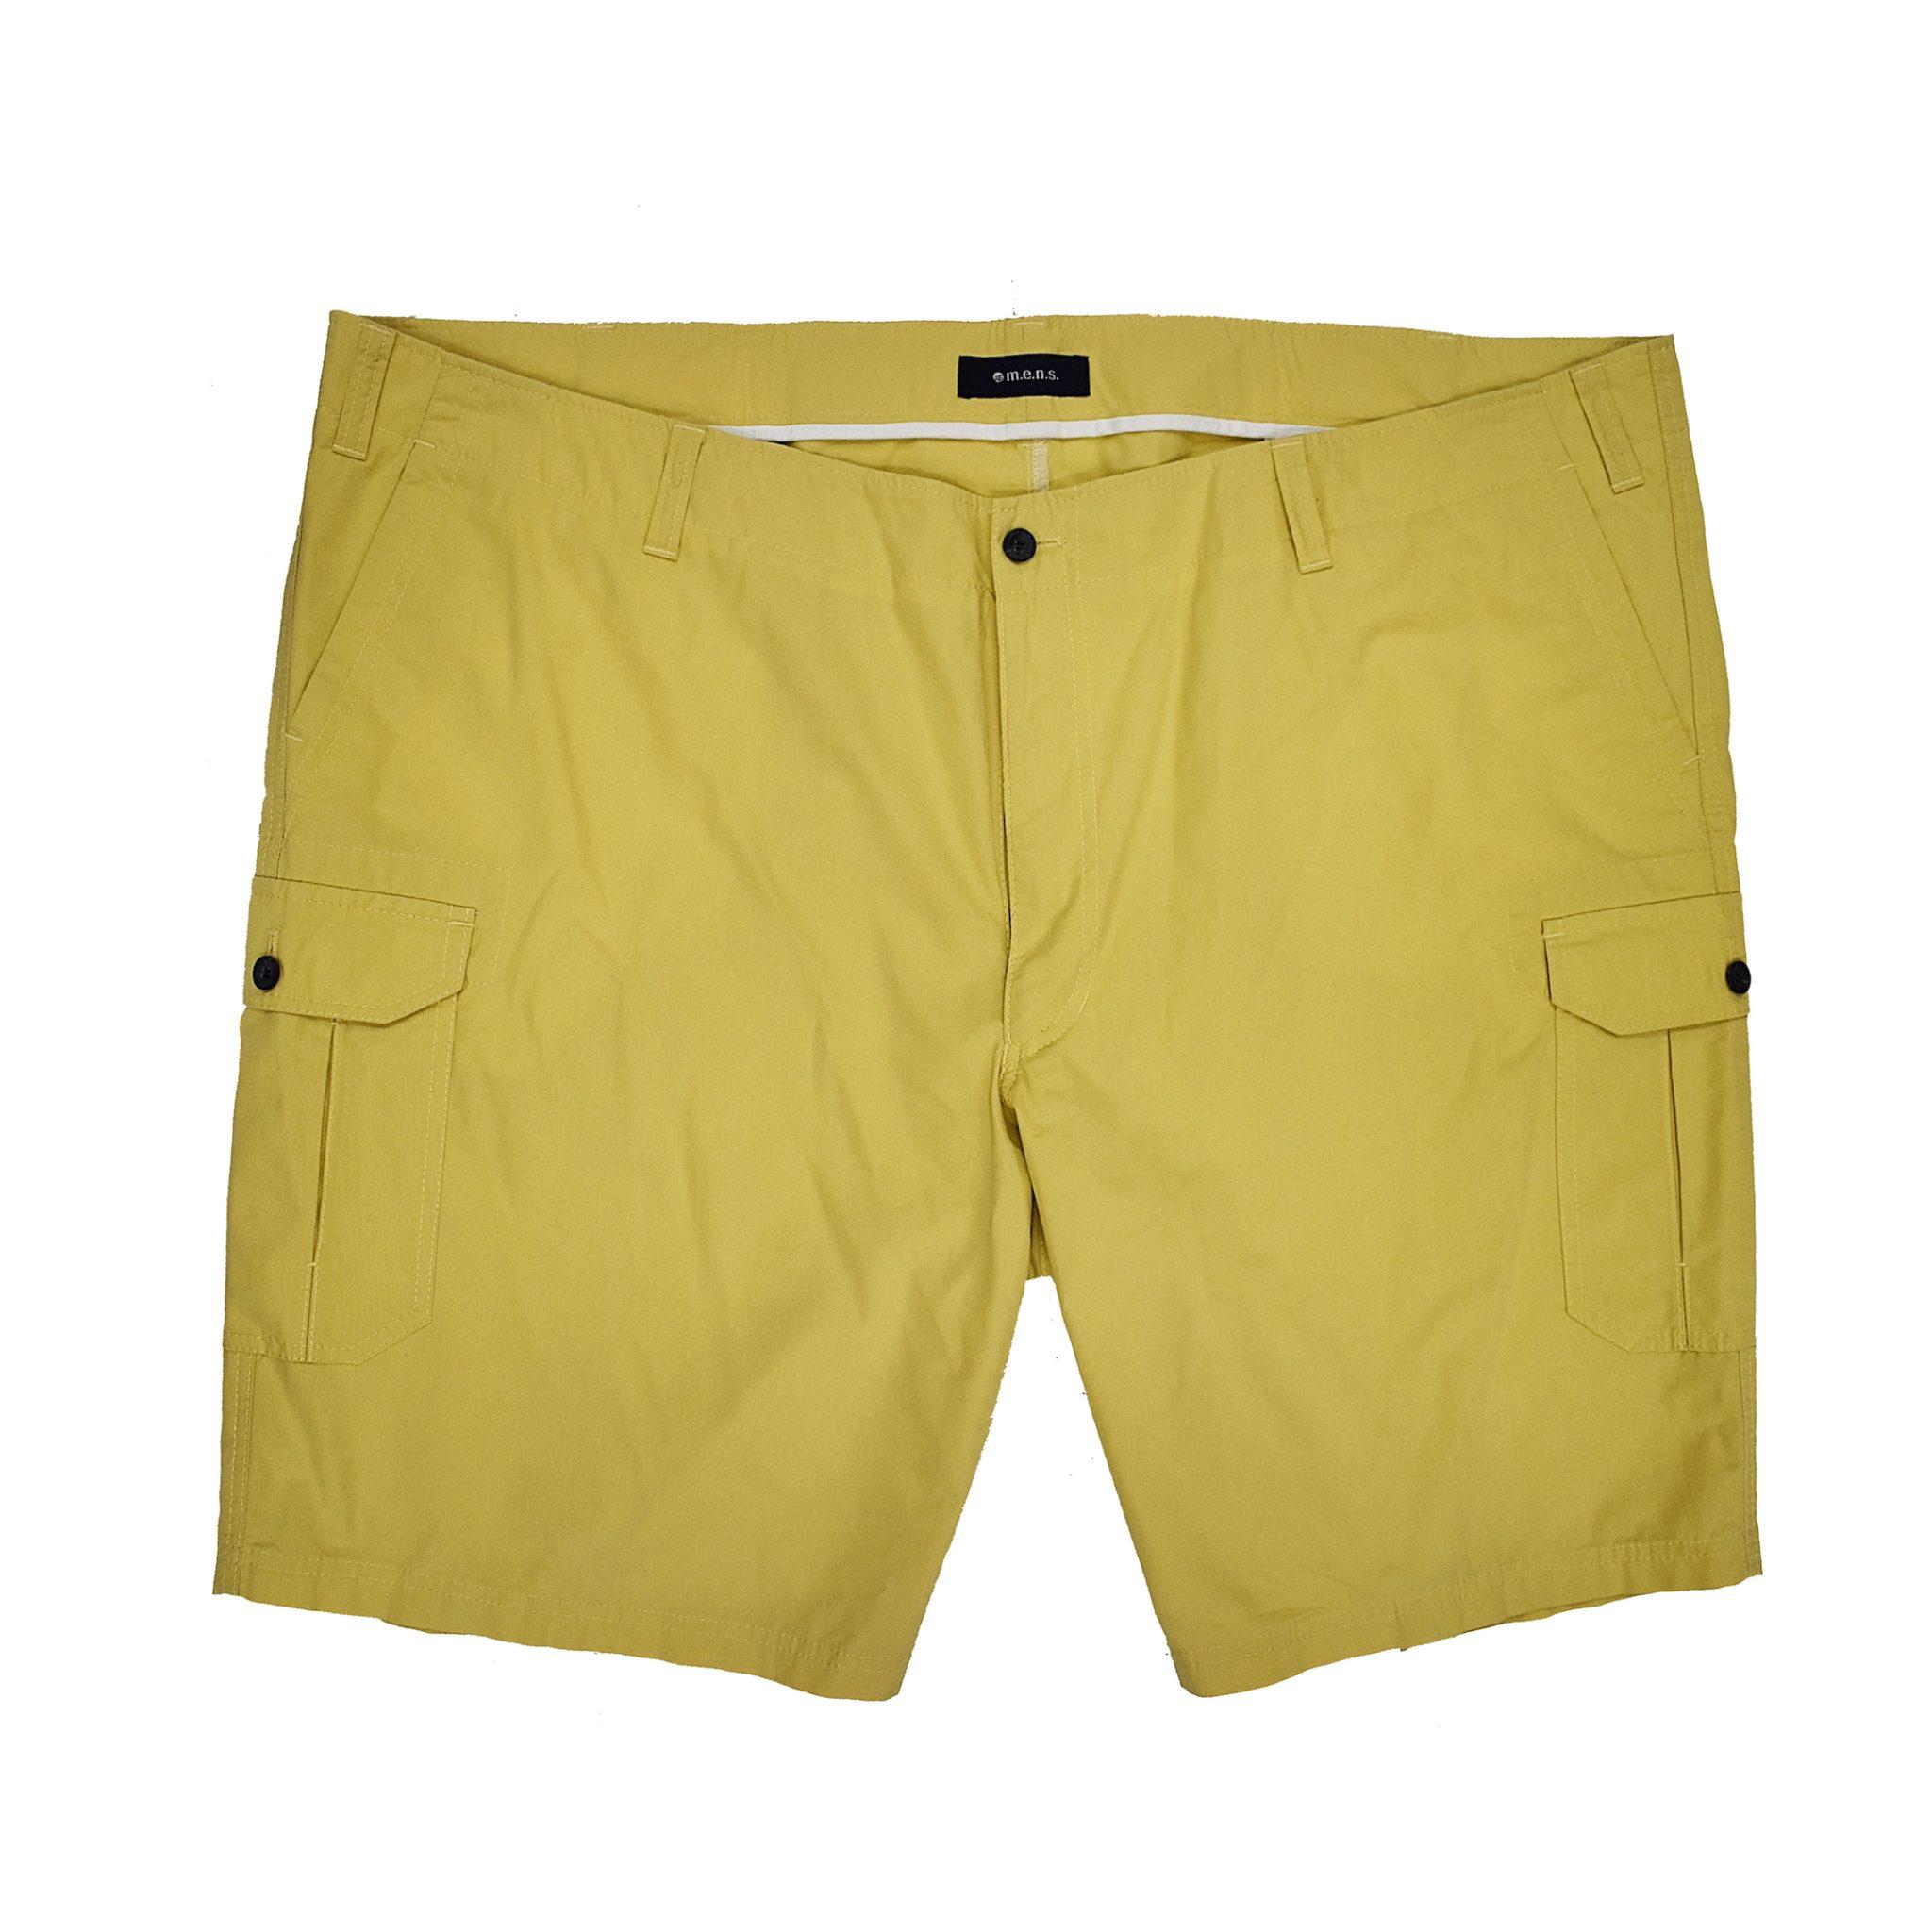 Grote maat stretch korte broek in de kleur geel